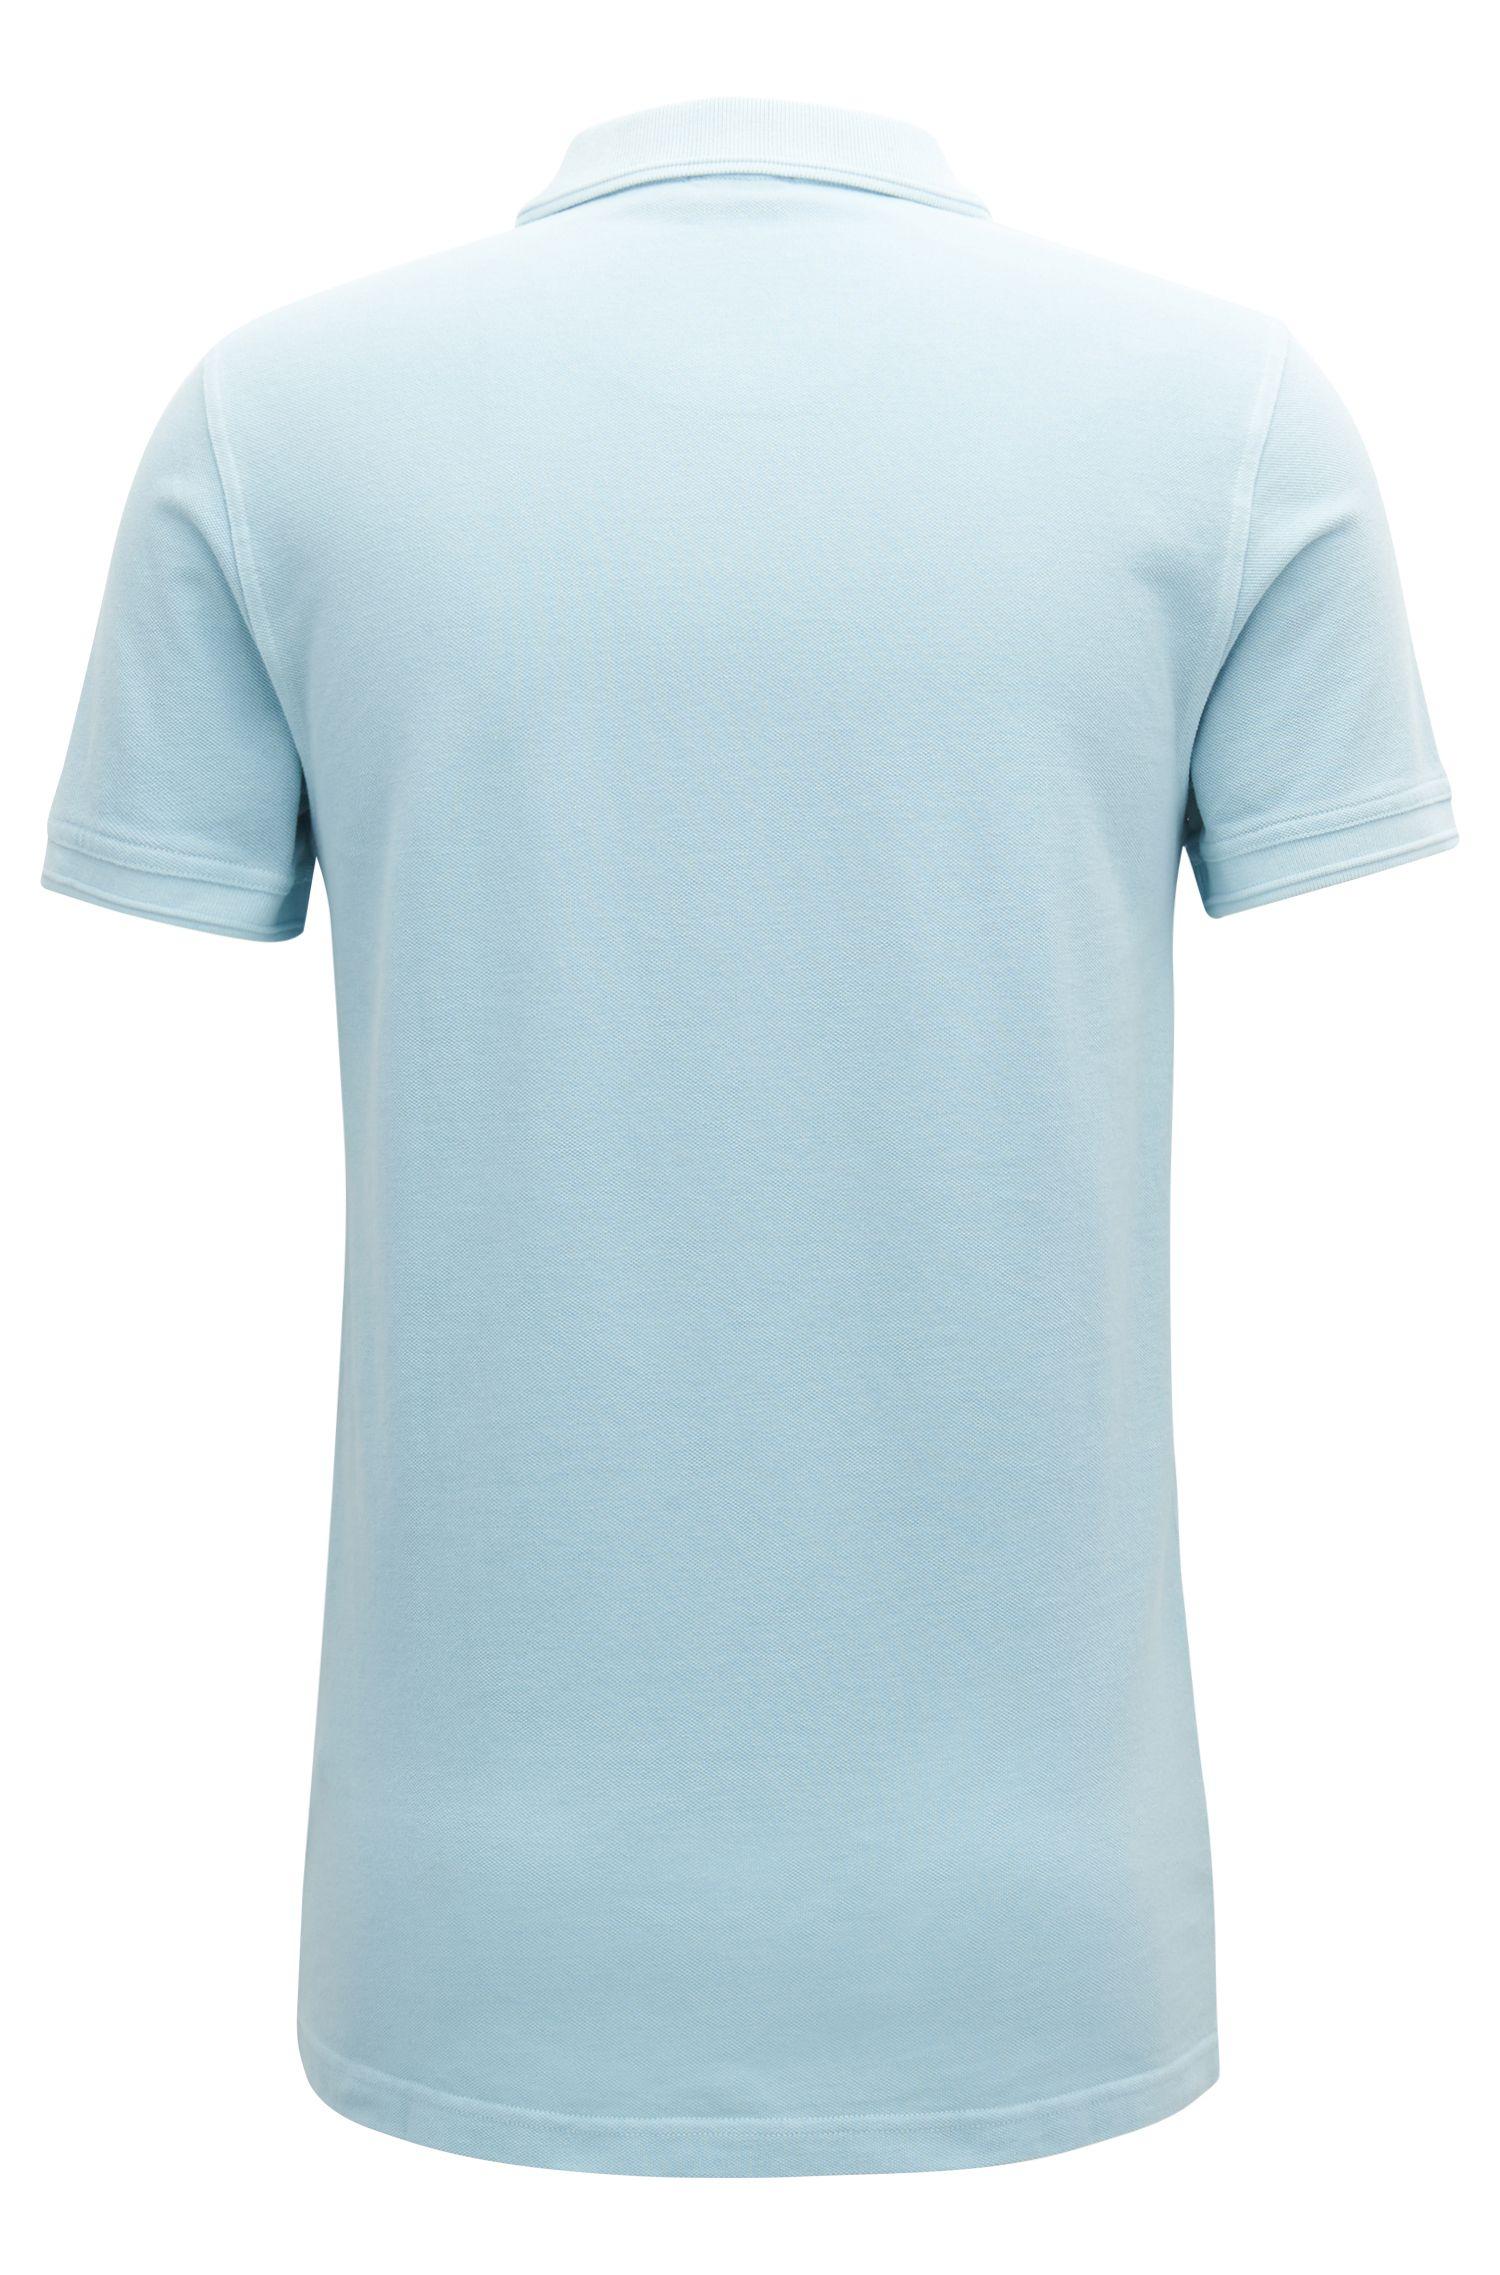 Slim-Fit Poloshirt aus gewaschenem Baumwoll-Piqué, Hellblau